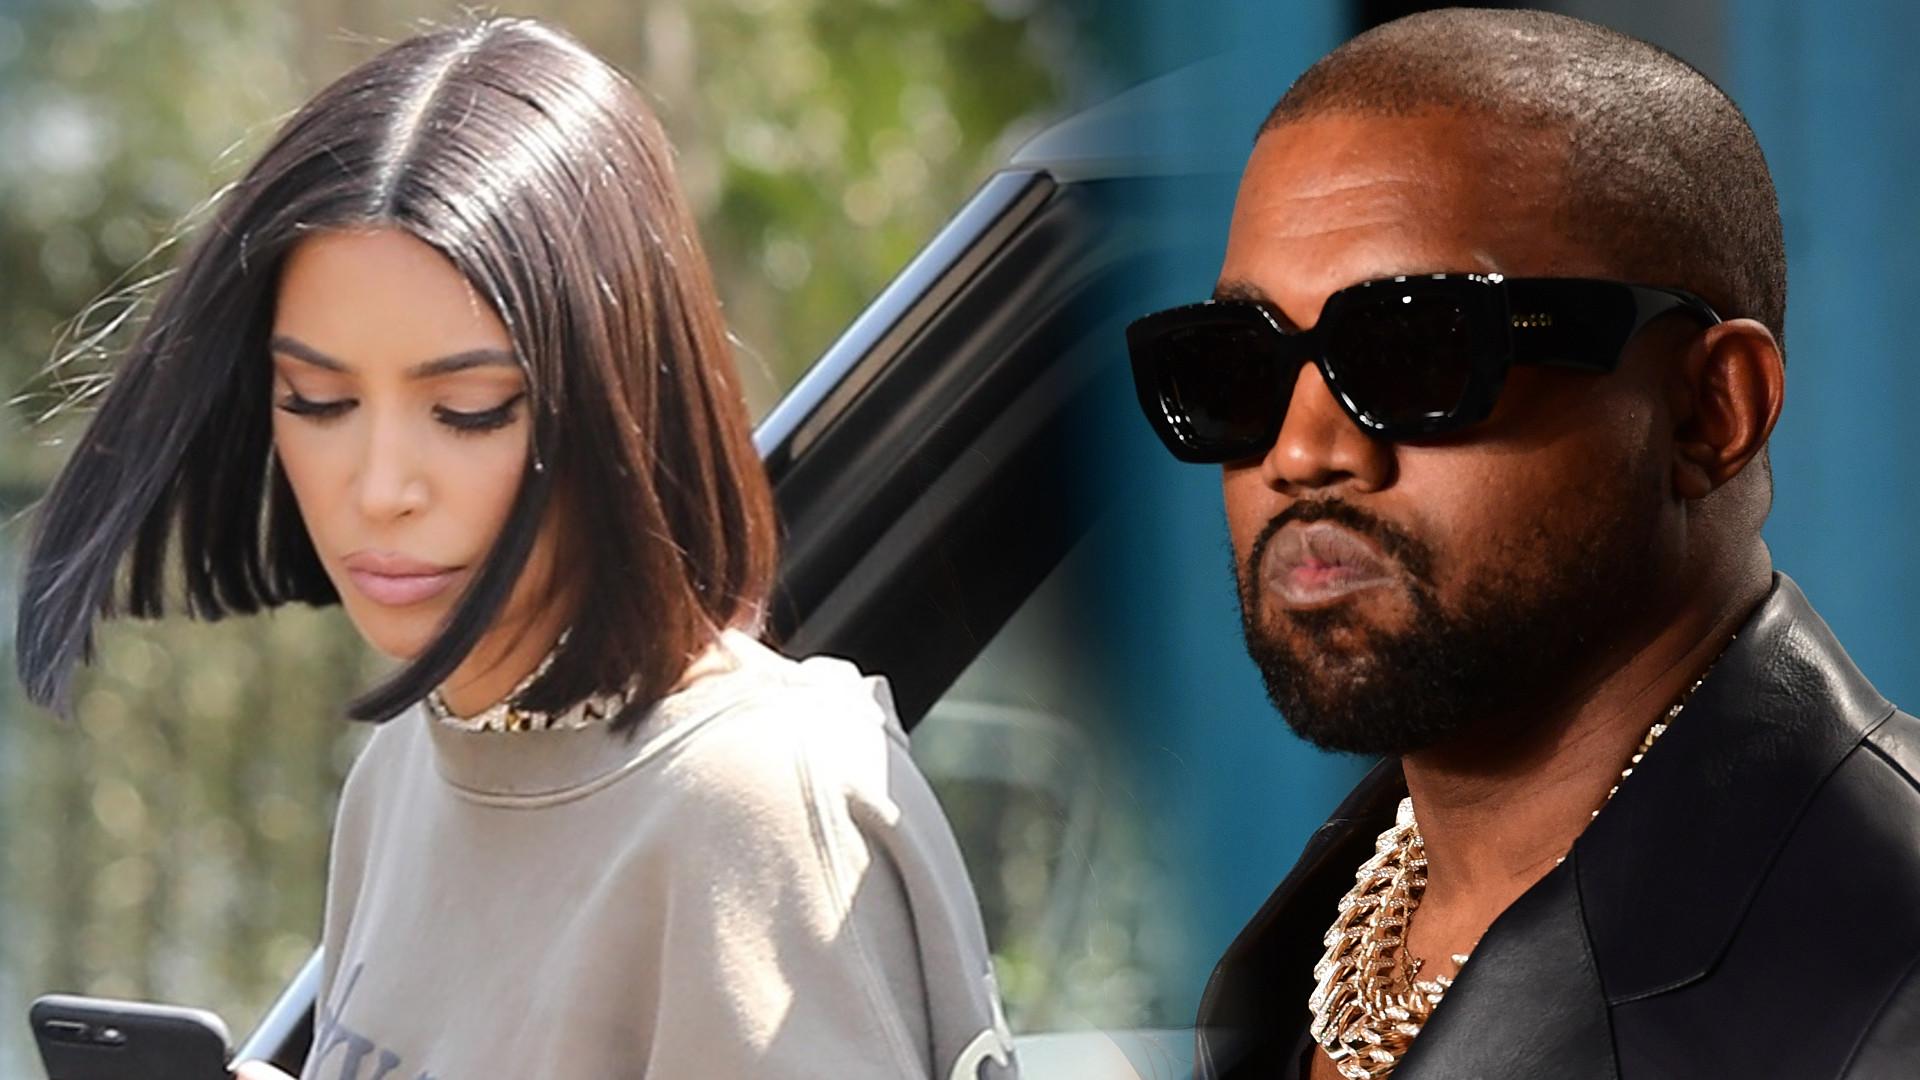 A jednak WOJNA?! Kanye West posunął się do TEGO wobec Kim